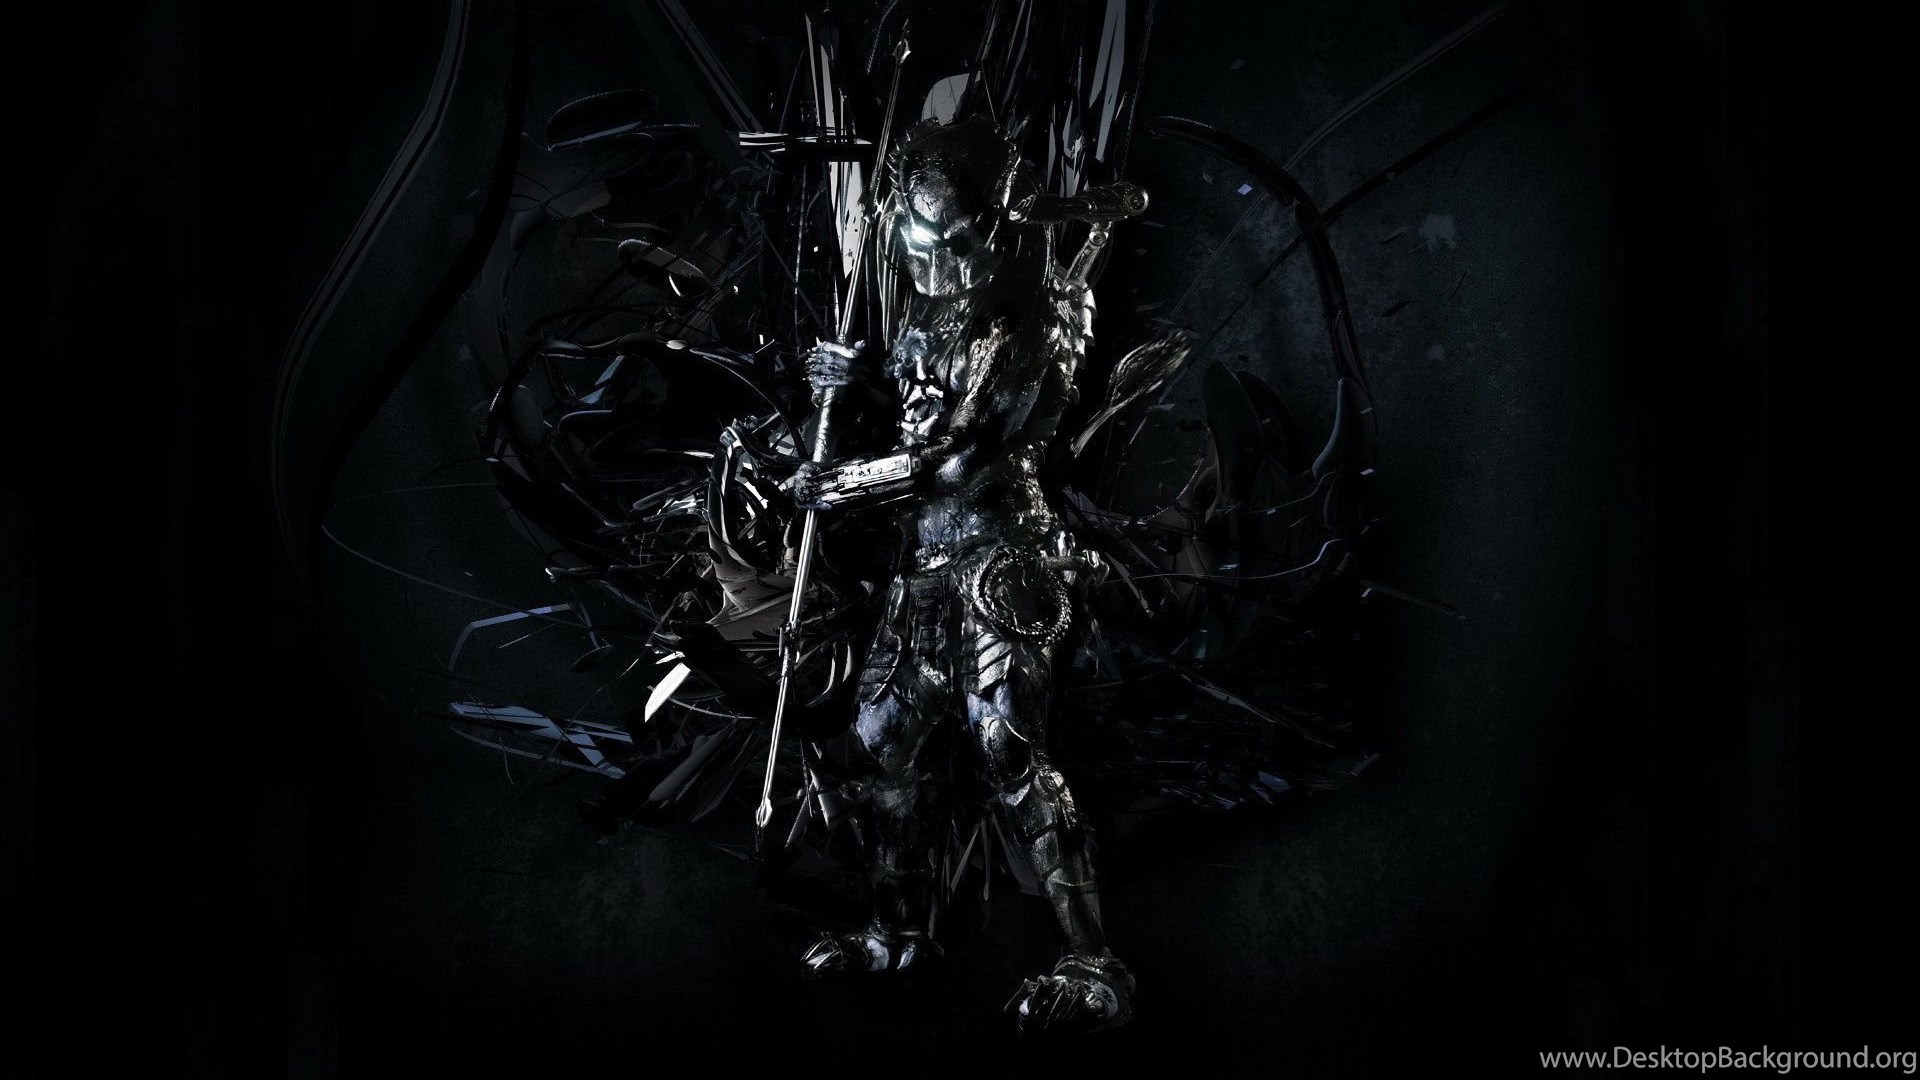 10 Alien Vs Predator Hd Wallpapers Desktop Background